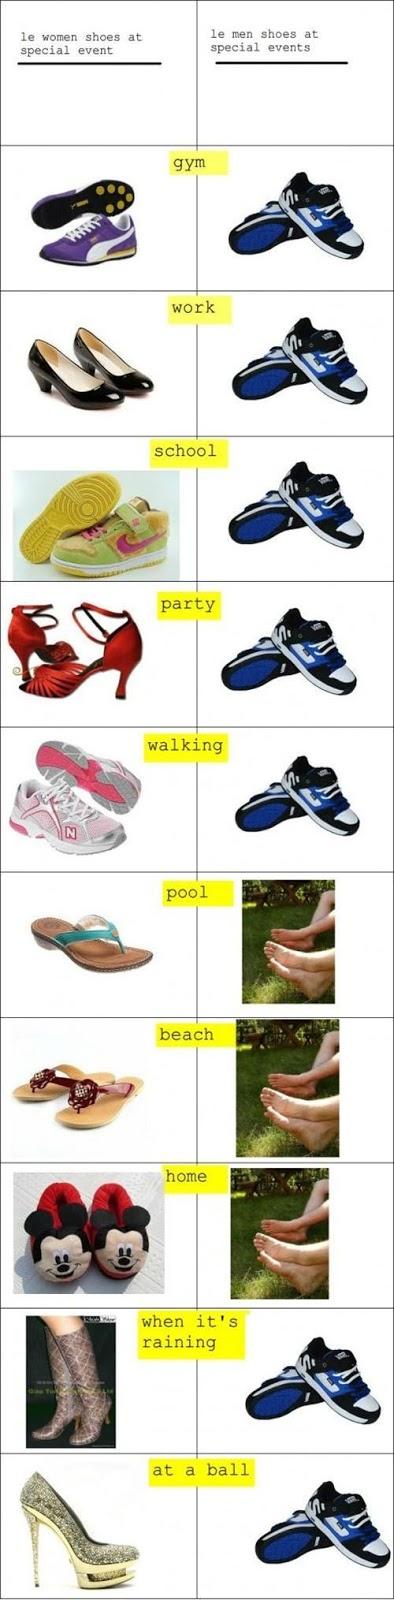 обувь женщины и мужчины